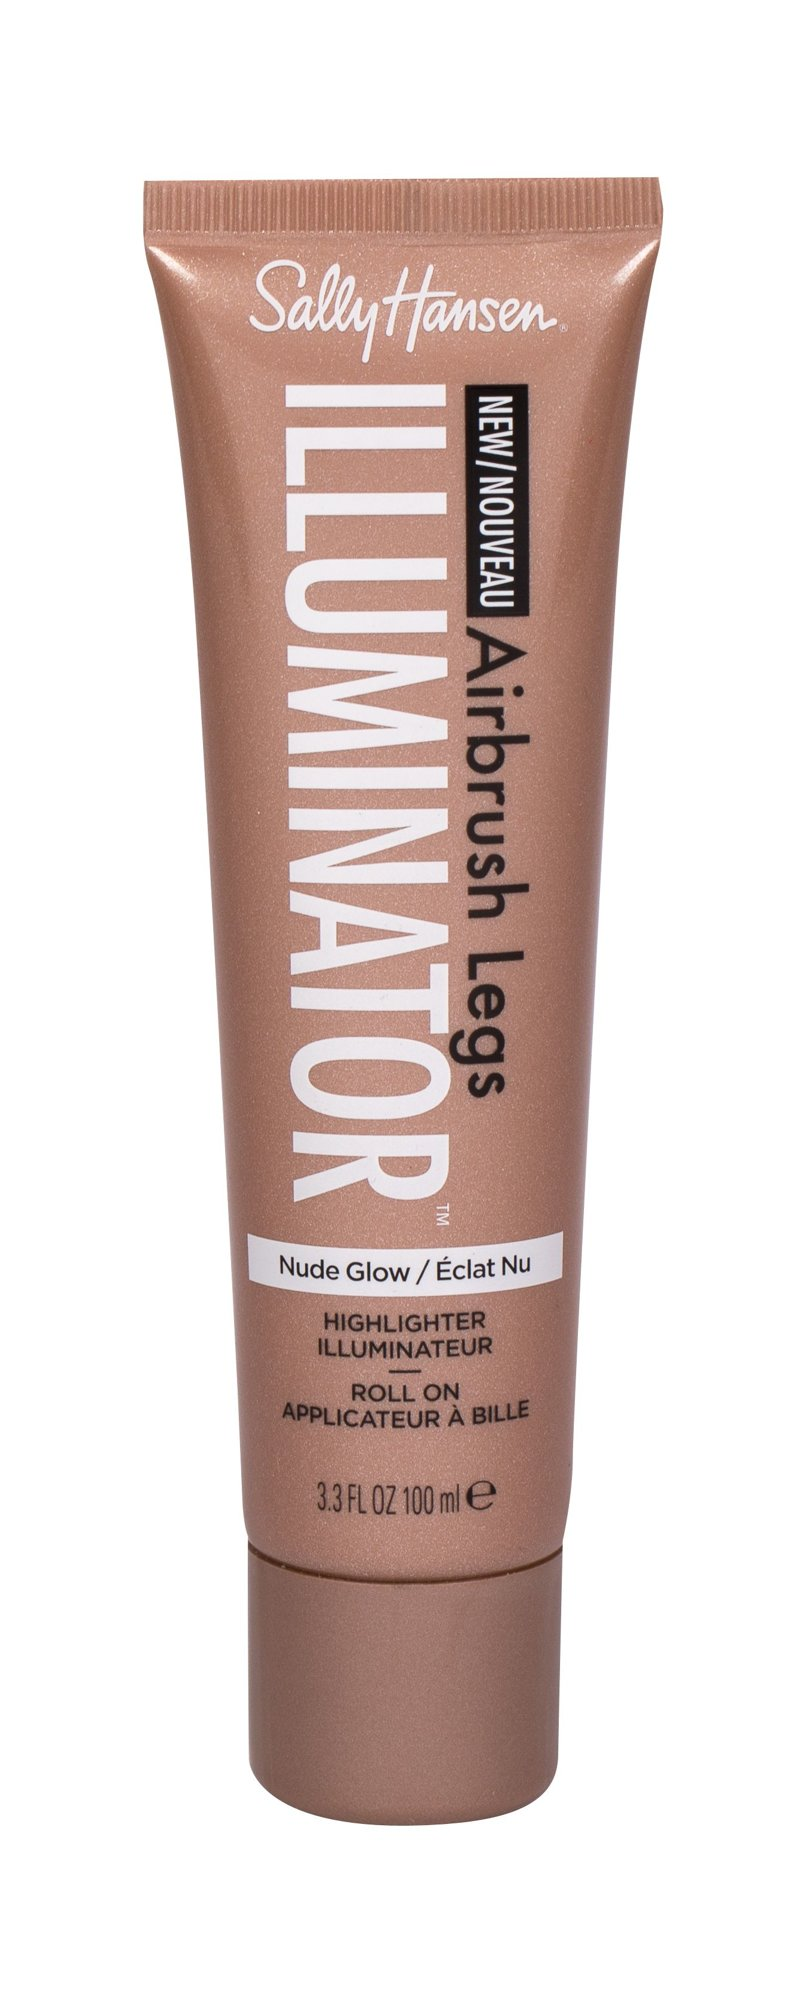 Sally Hansen Airbrush Legs Self Tanning Product 100ml Nude Glow Illuminator